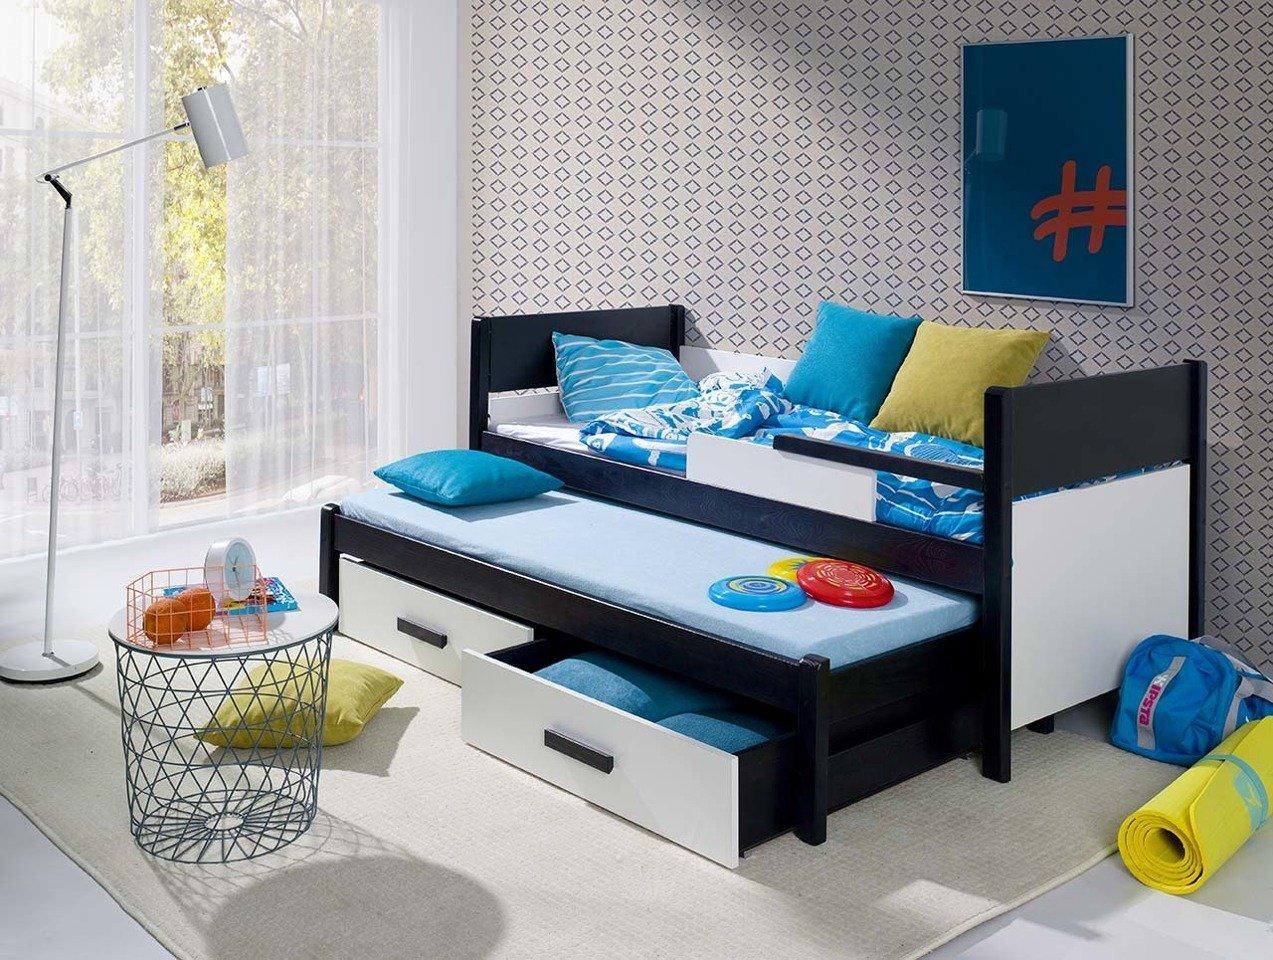 łóżko Piętrowe Niskie 2 Osobowe Do Pokoju Młodzieżowego Danilo Z